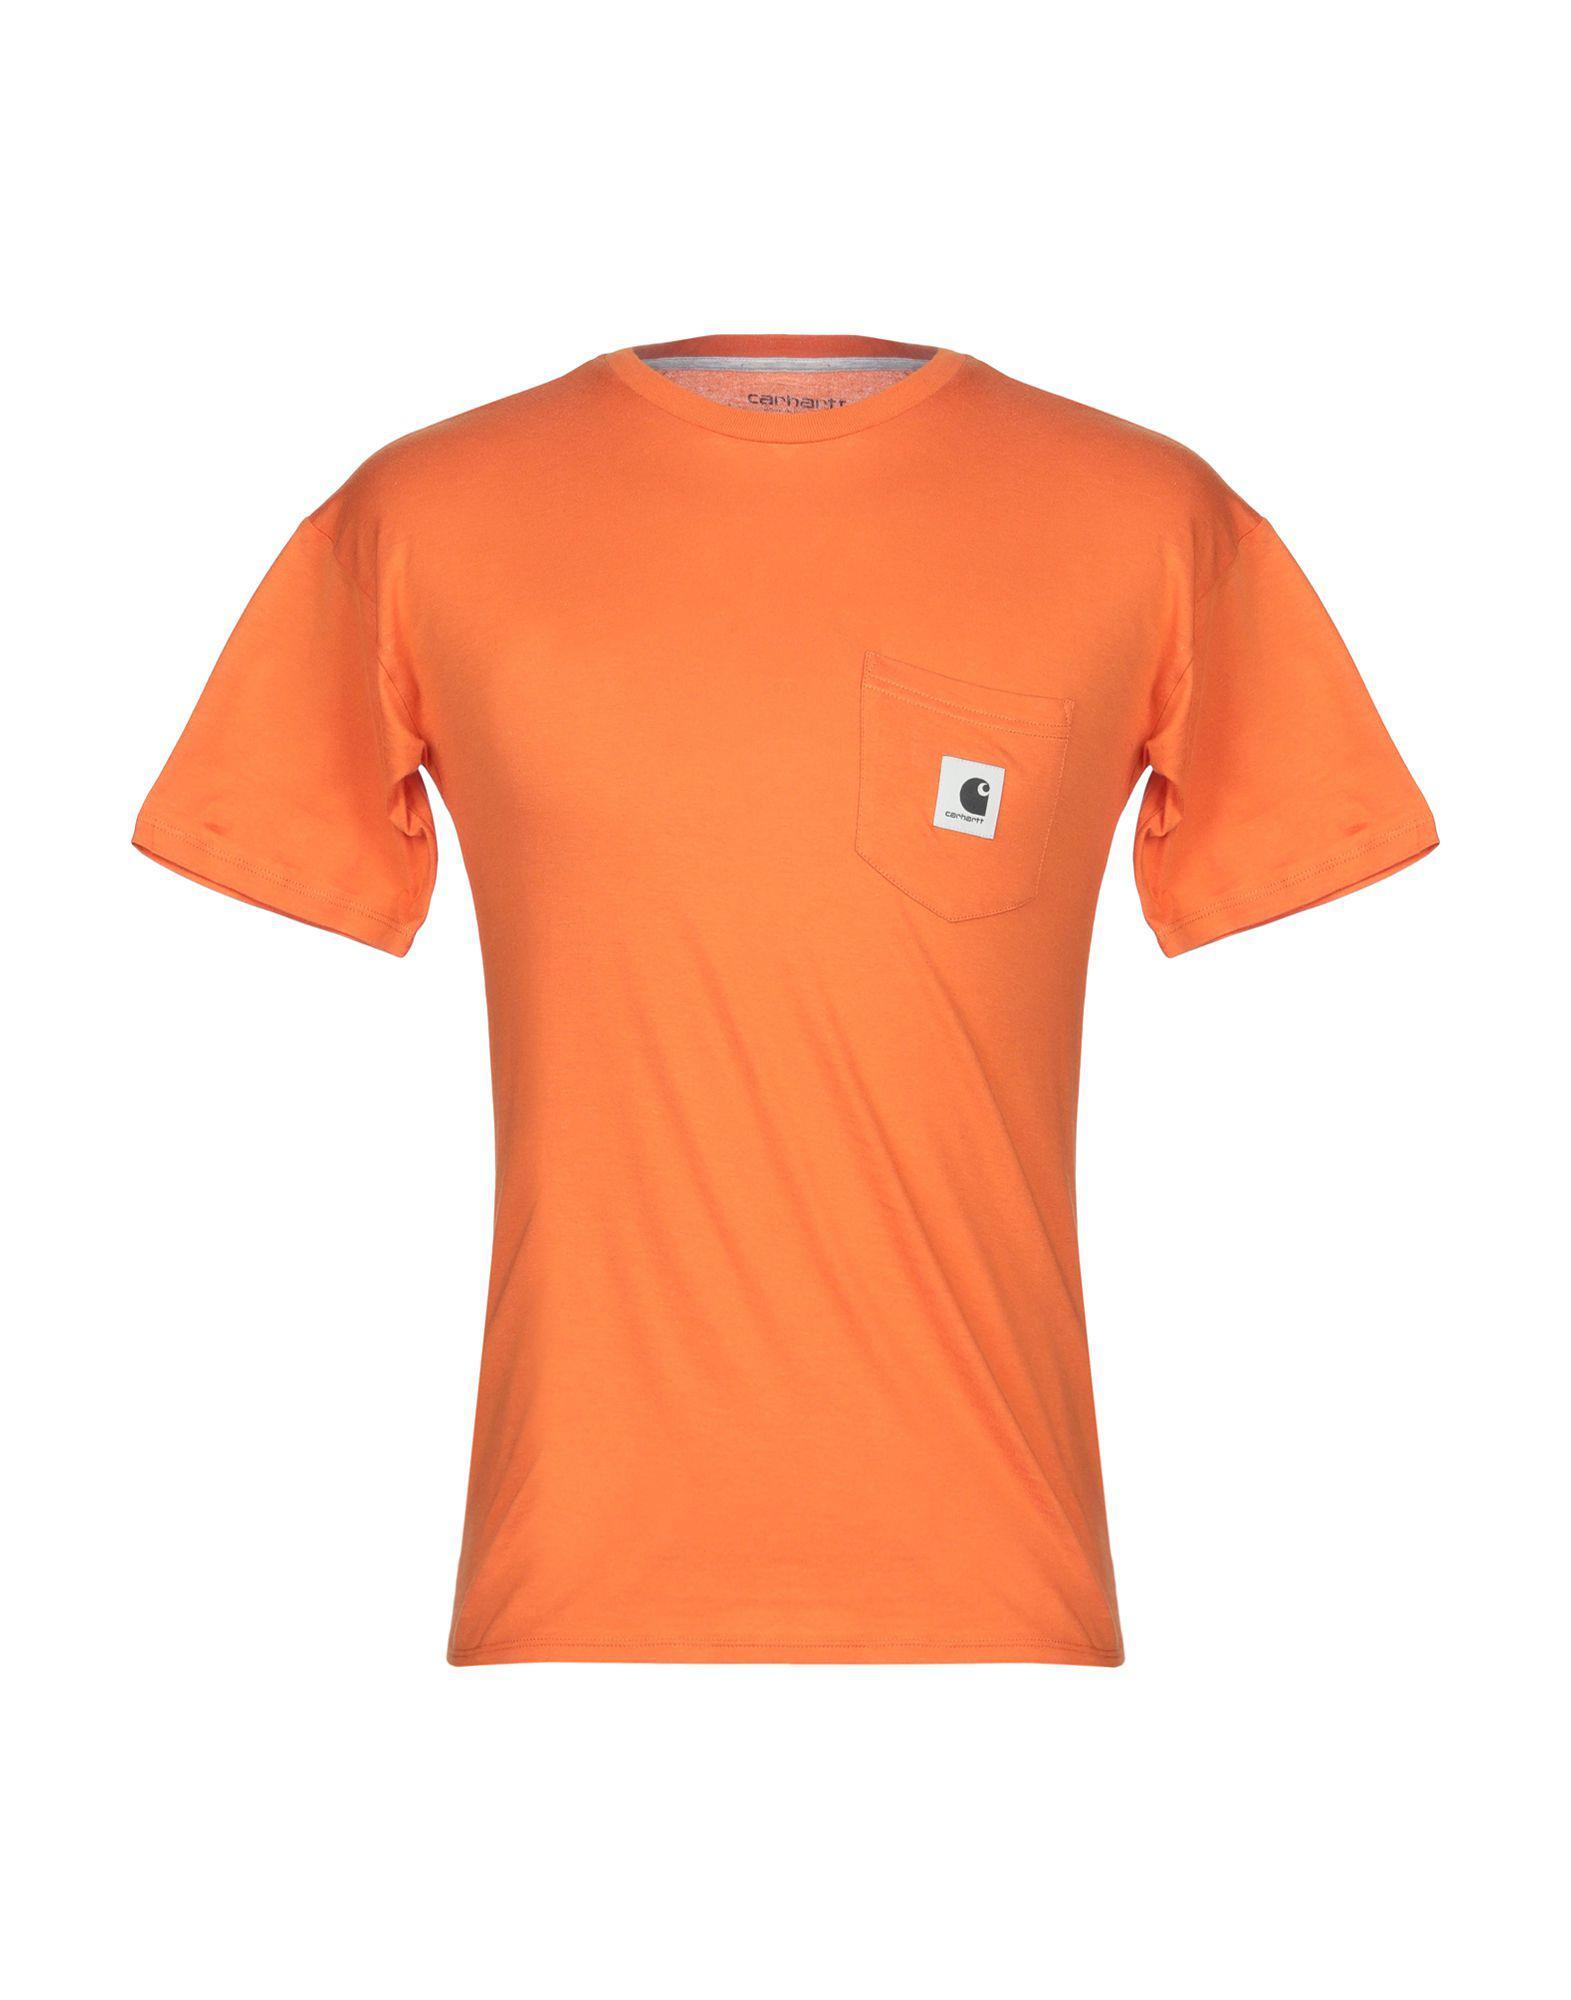 8e5fdffb9 Carhartt - Orange T-shirt for Men - Lyst. View fullscreen